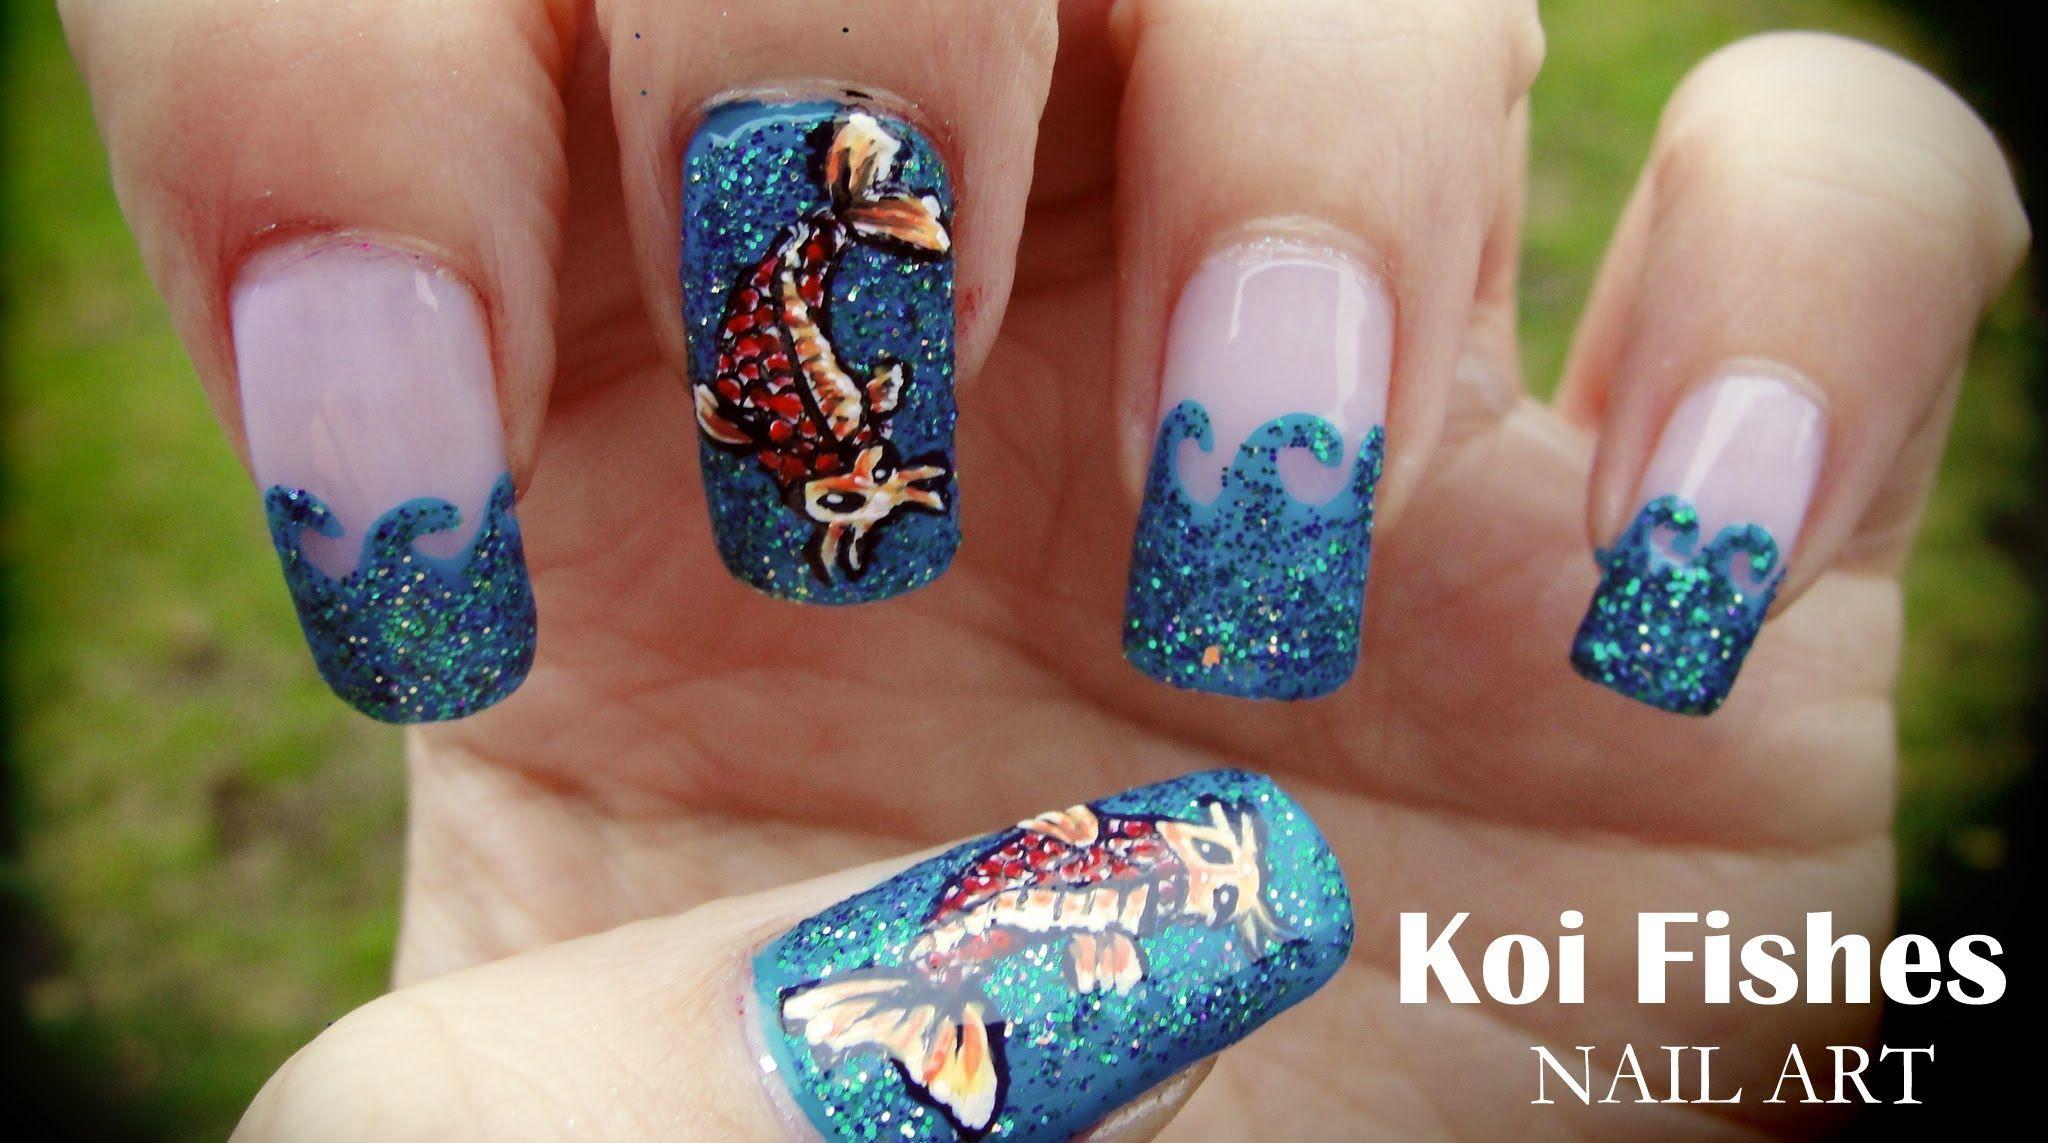 Koi Fishes nail art | Nail Art | Pinterest | Fish nail art, Fish ...